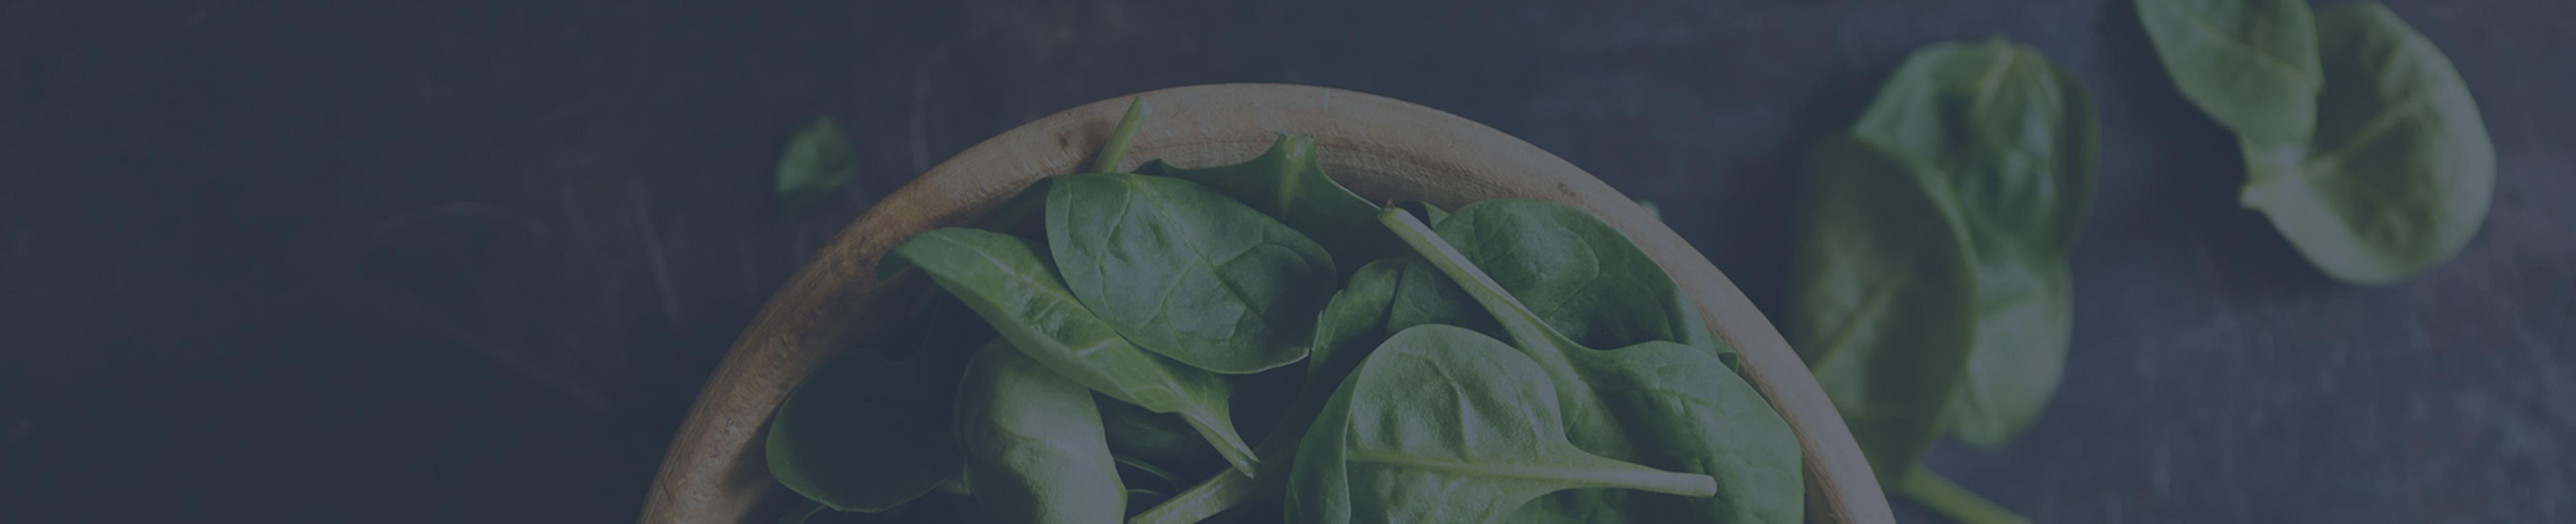 sunde veganske færdigretter og kødretter - kunderne siger